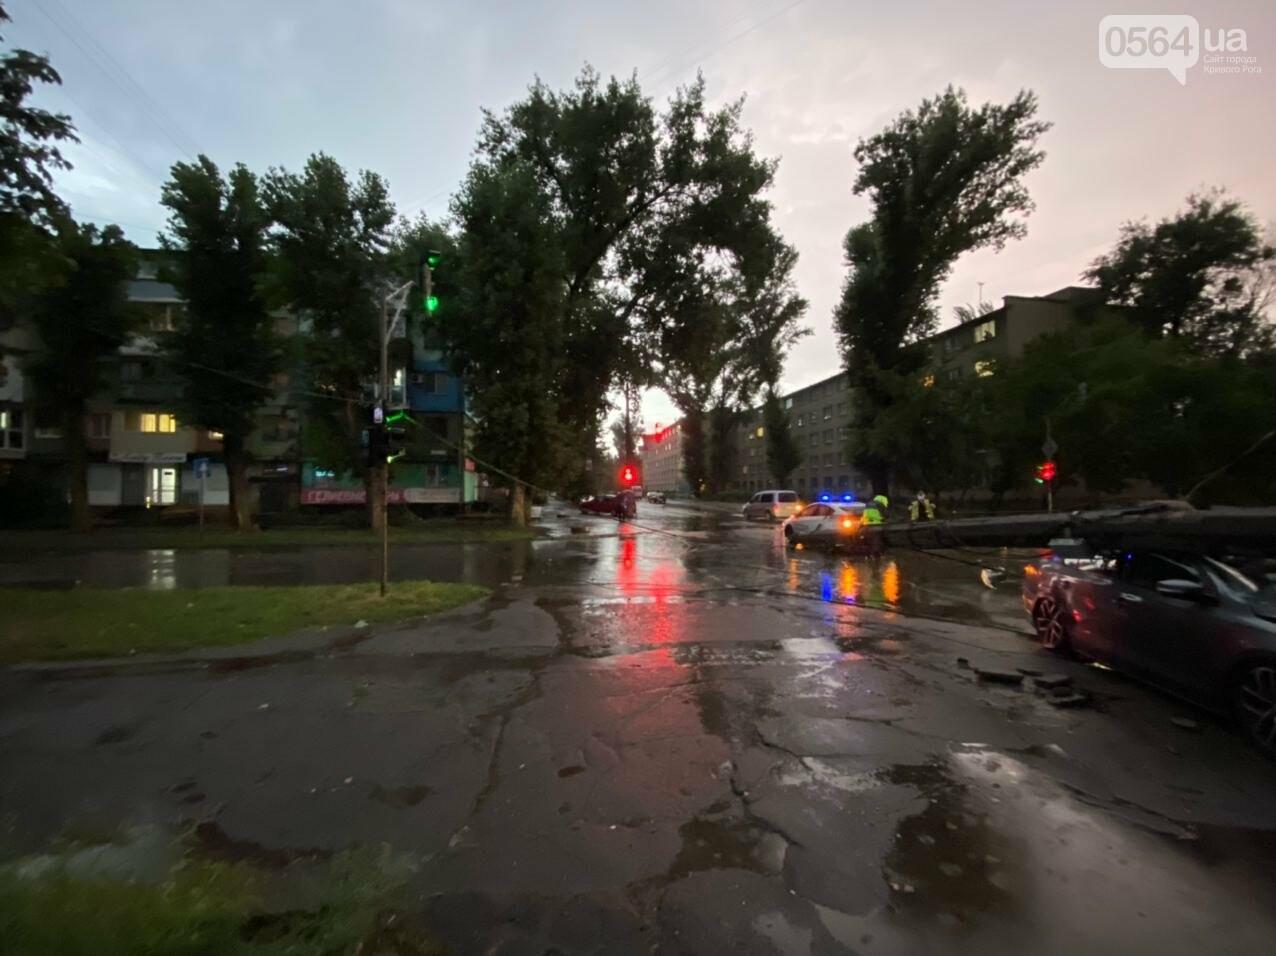 Во время дождя в Кривом Роге Volkswagen снес столб, - ФОТО, фото-6